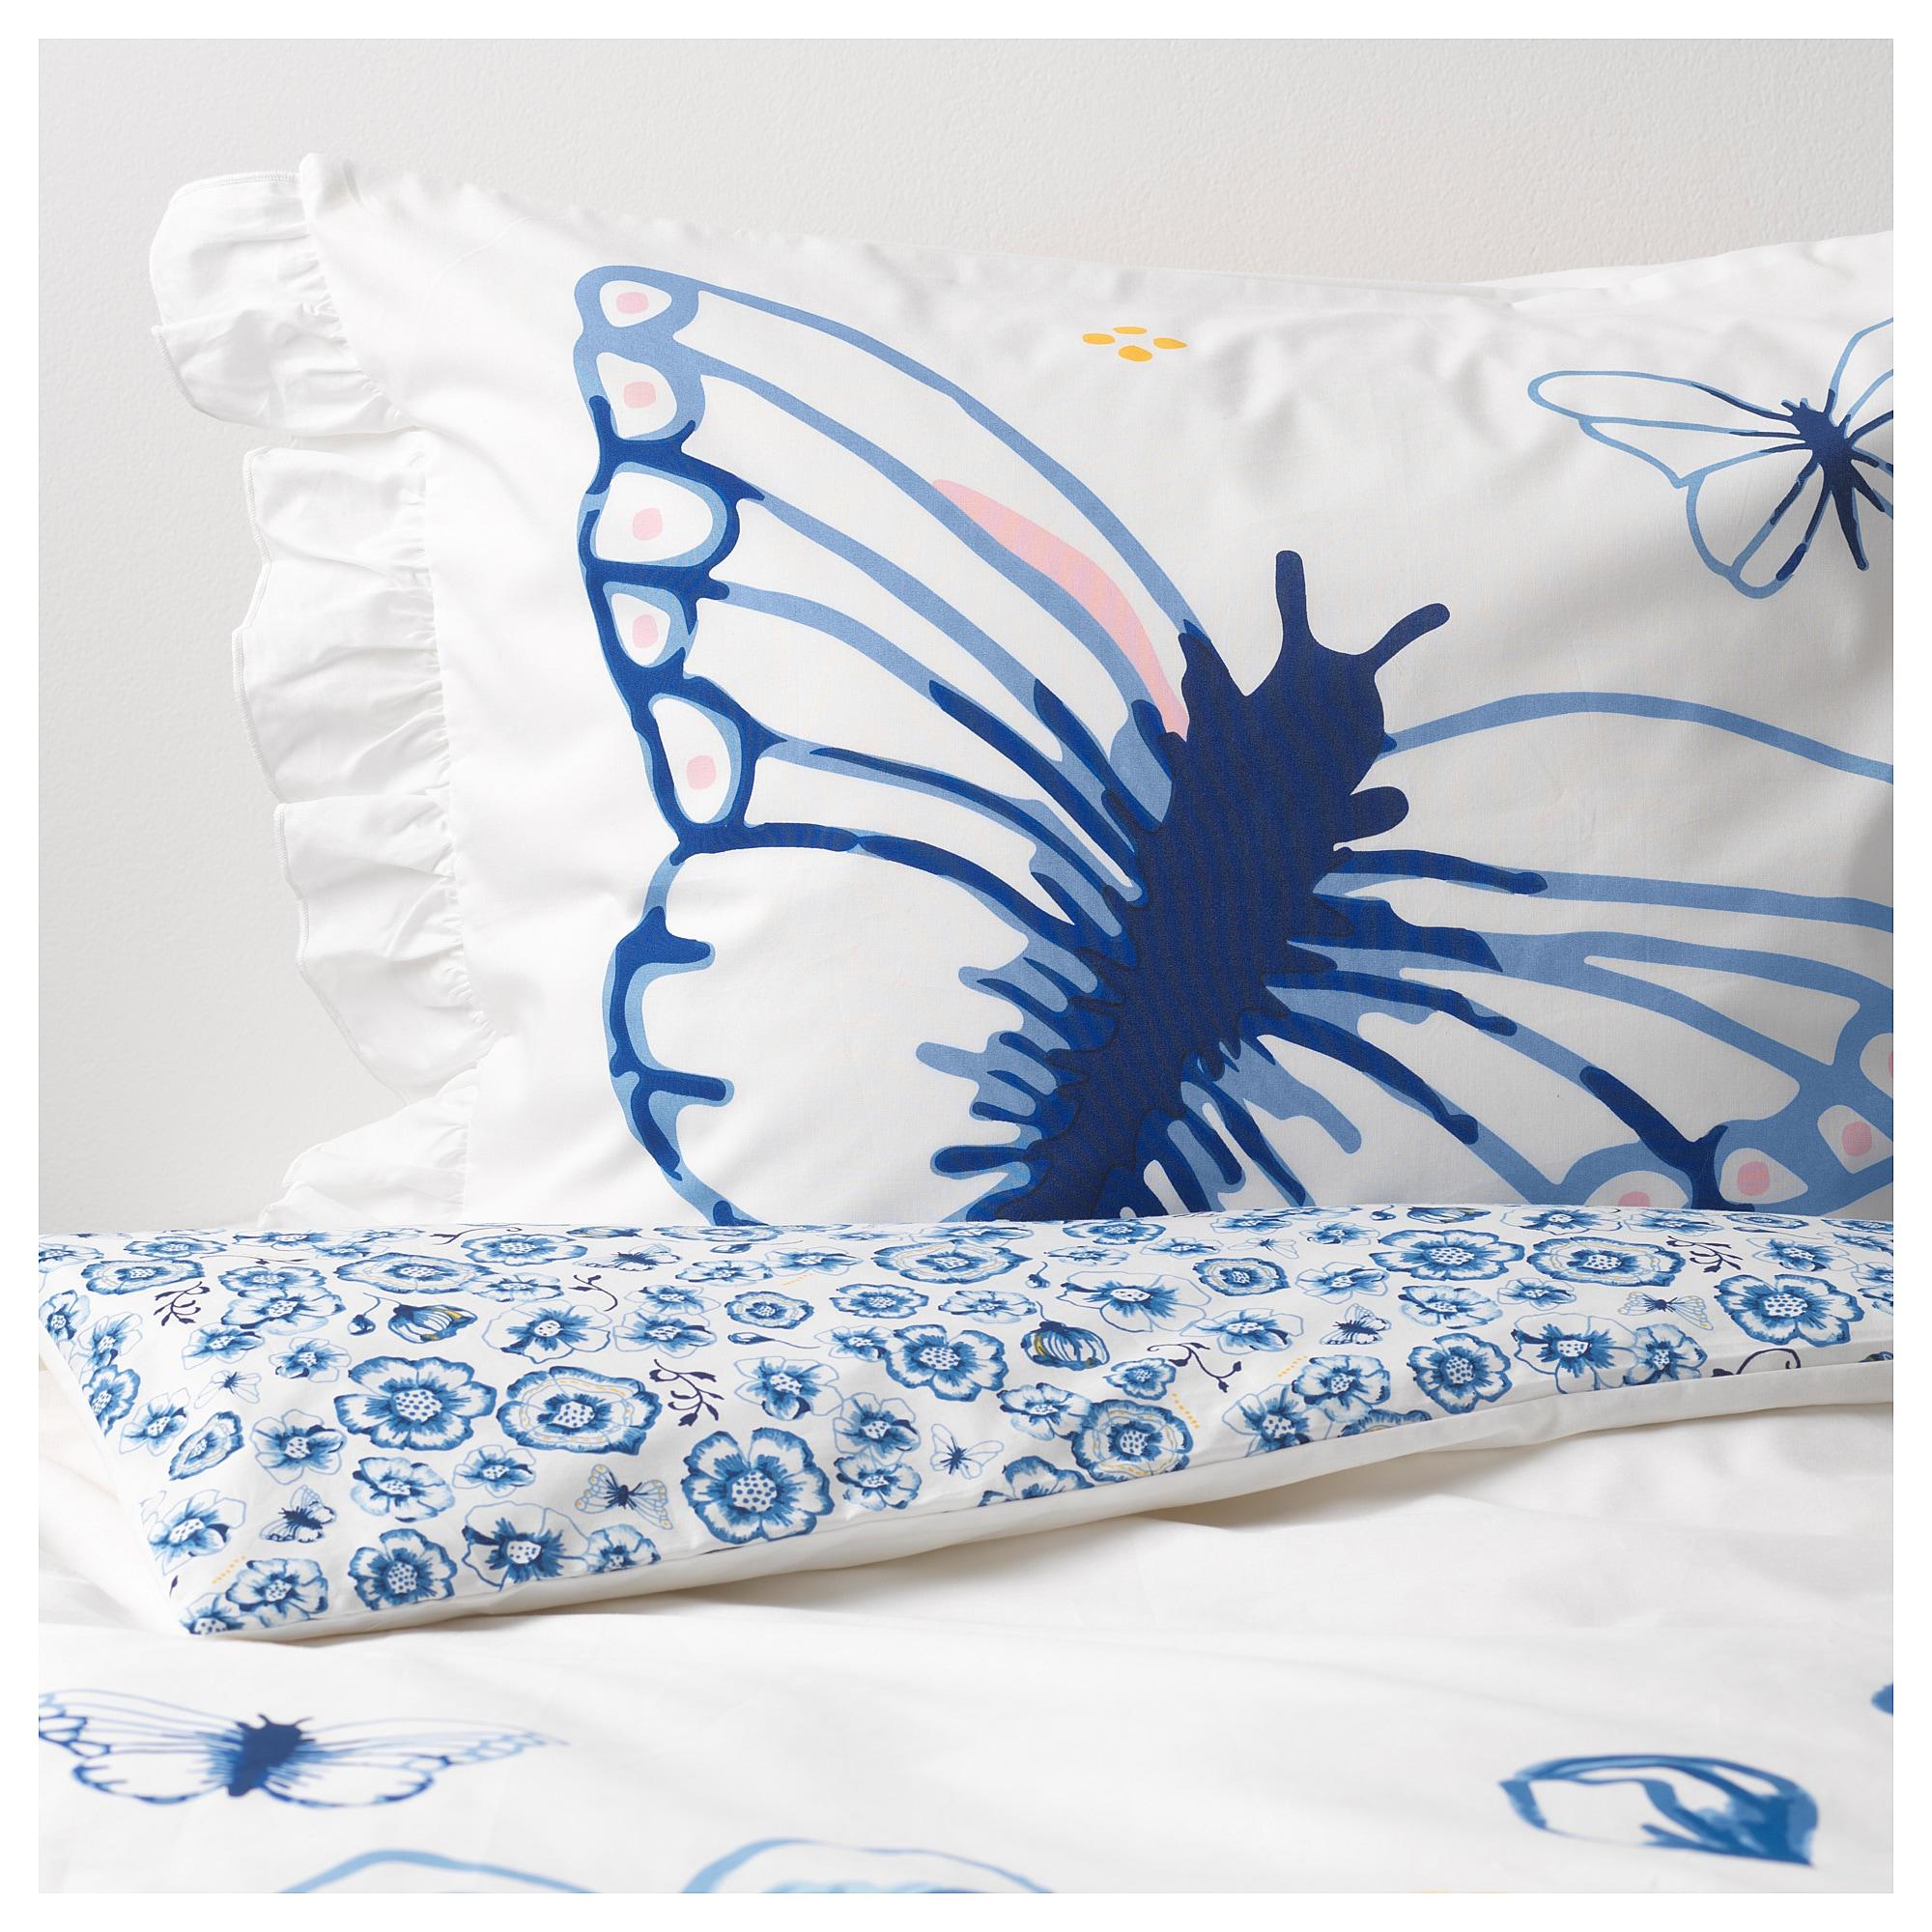 Ikea Bild Schmetterling